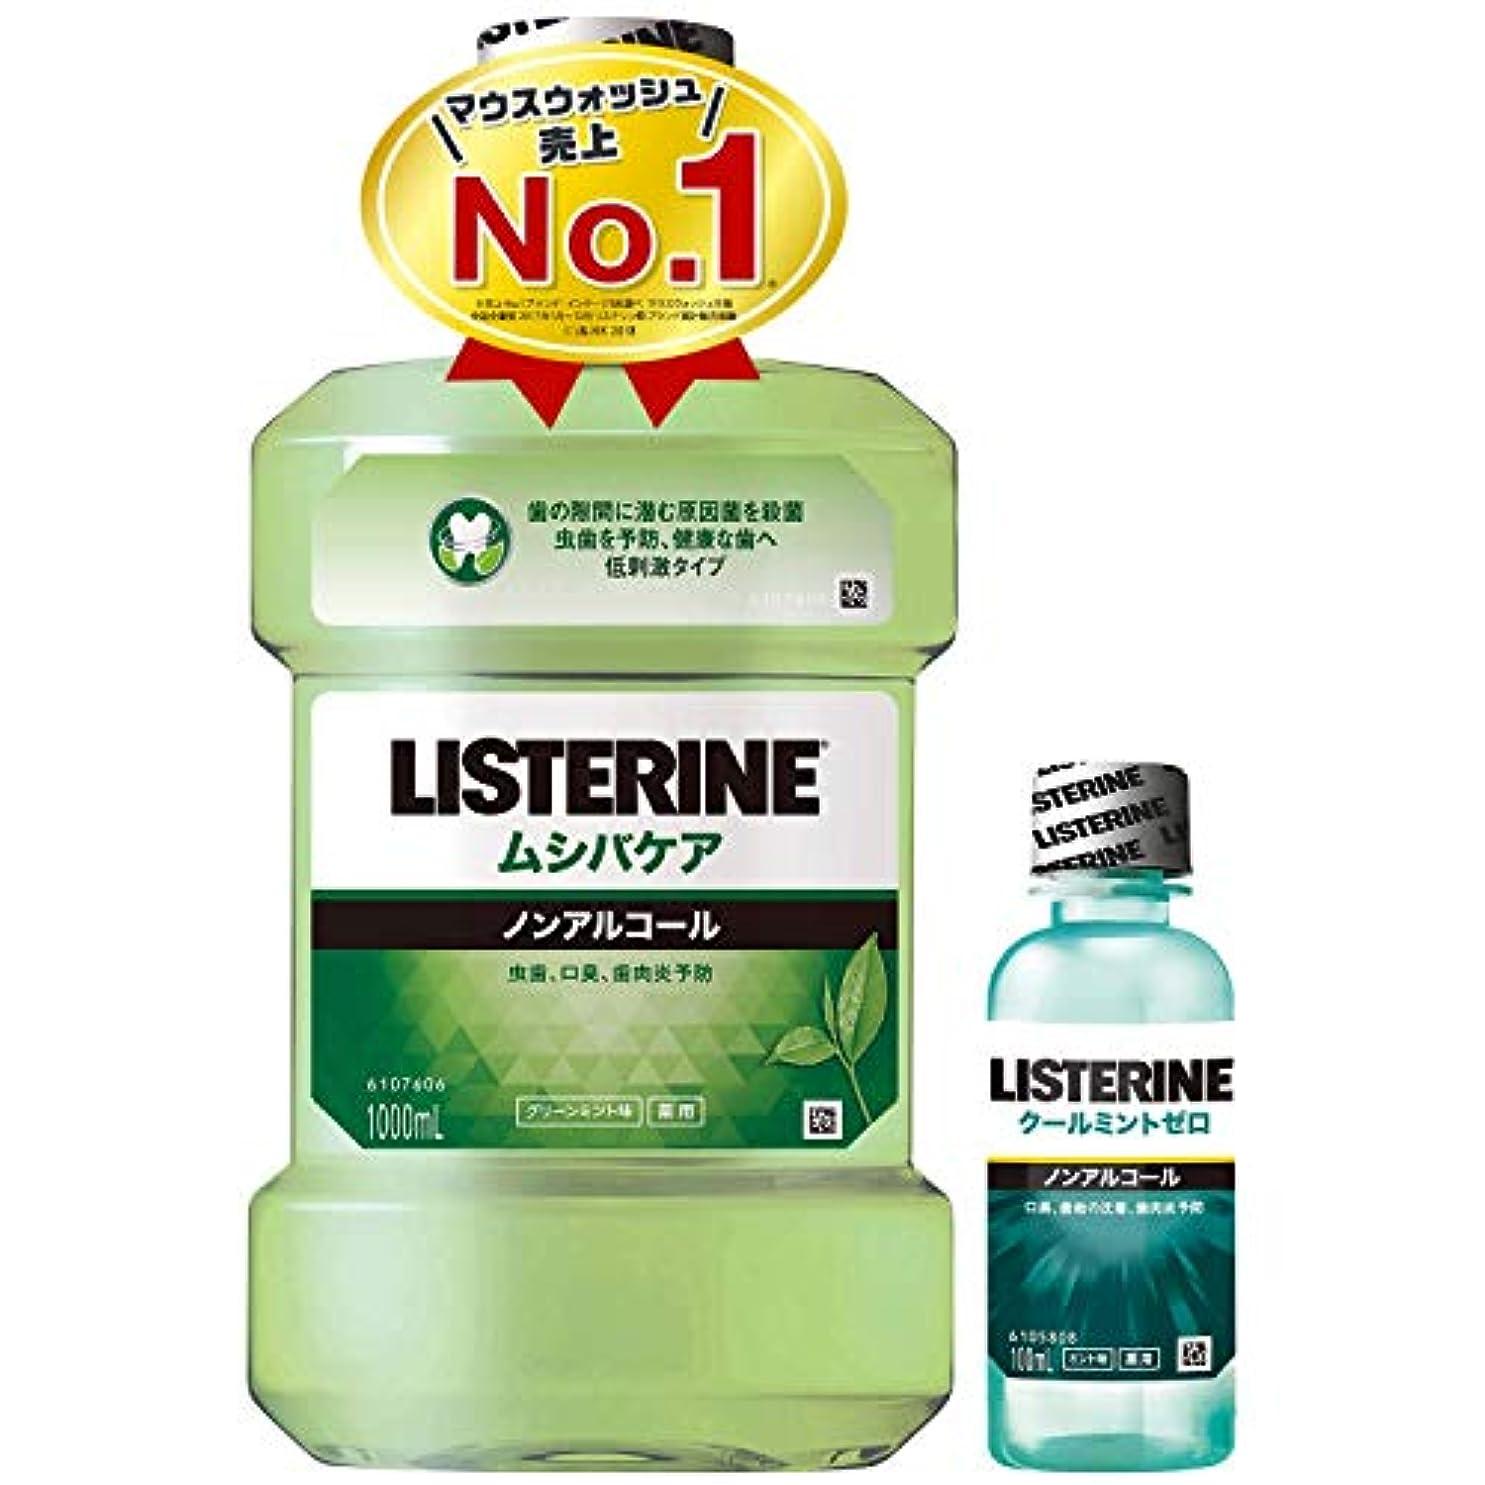 概念とてもごちそう【Amazon.co.jp限定】 LISTERINE(リステリン) [医薬部外品] 薬用 リステリン ムシバケア マウスウォッシュ グリーンミント味 1000mL+おまけつき